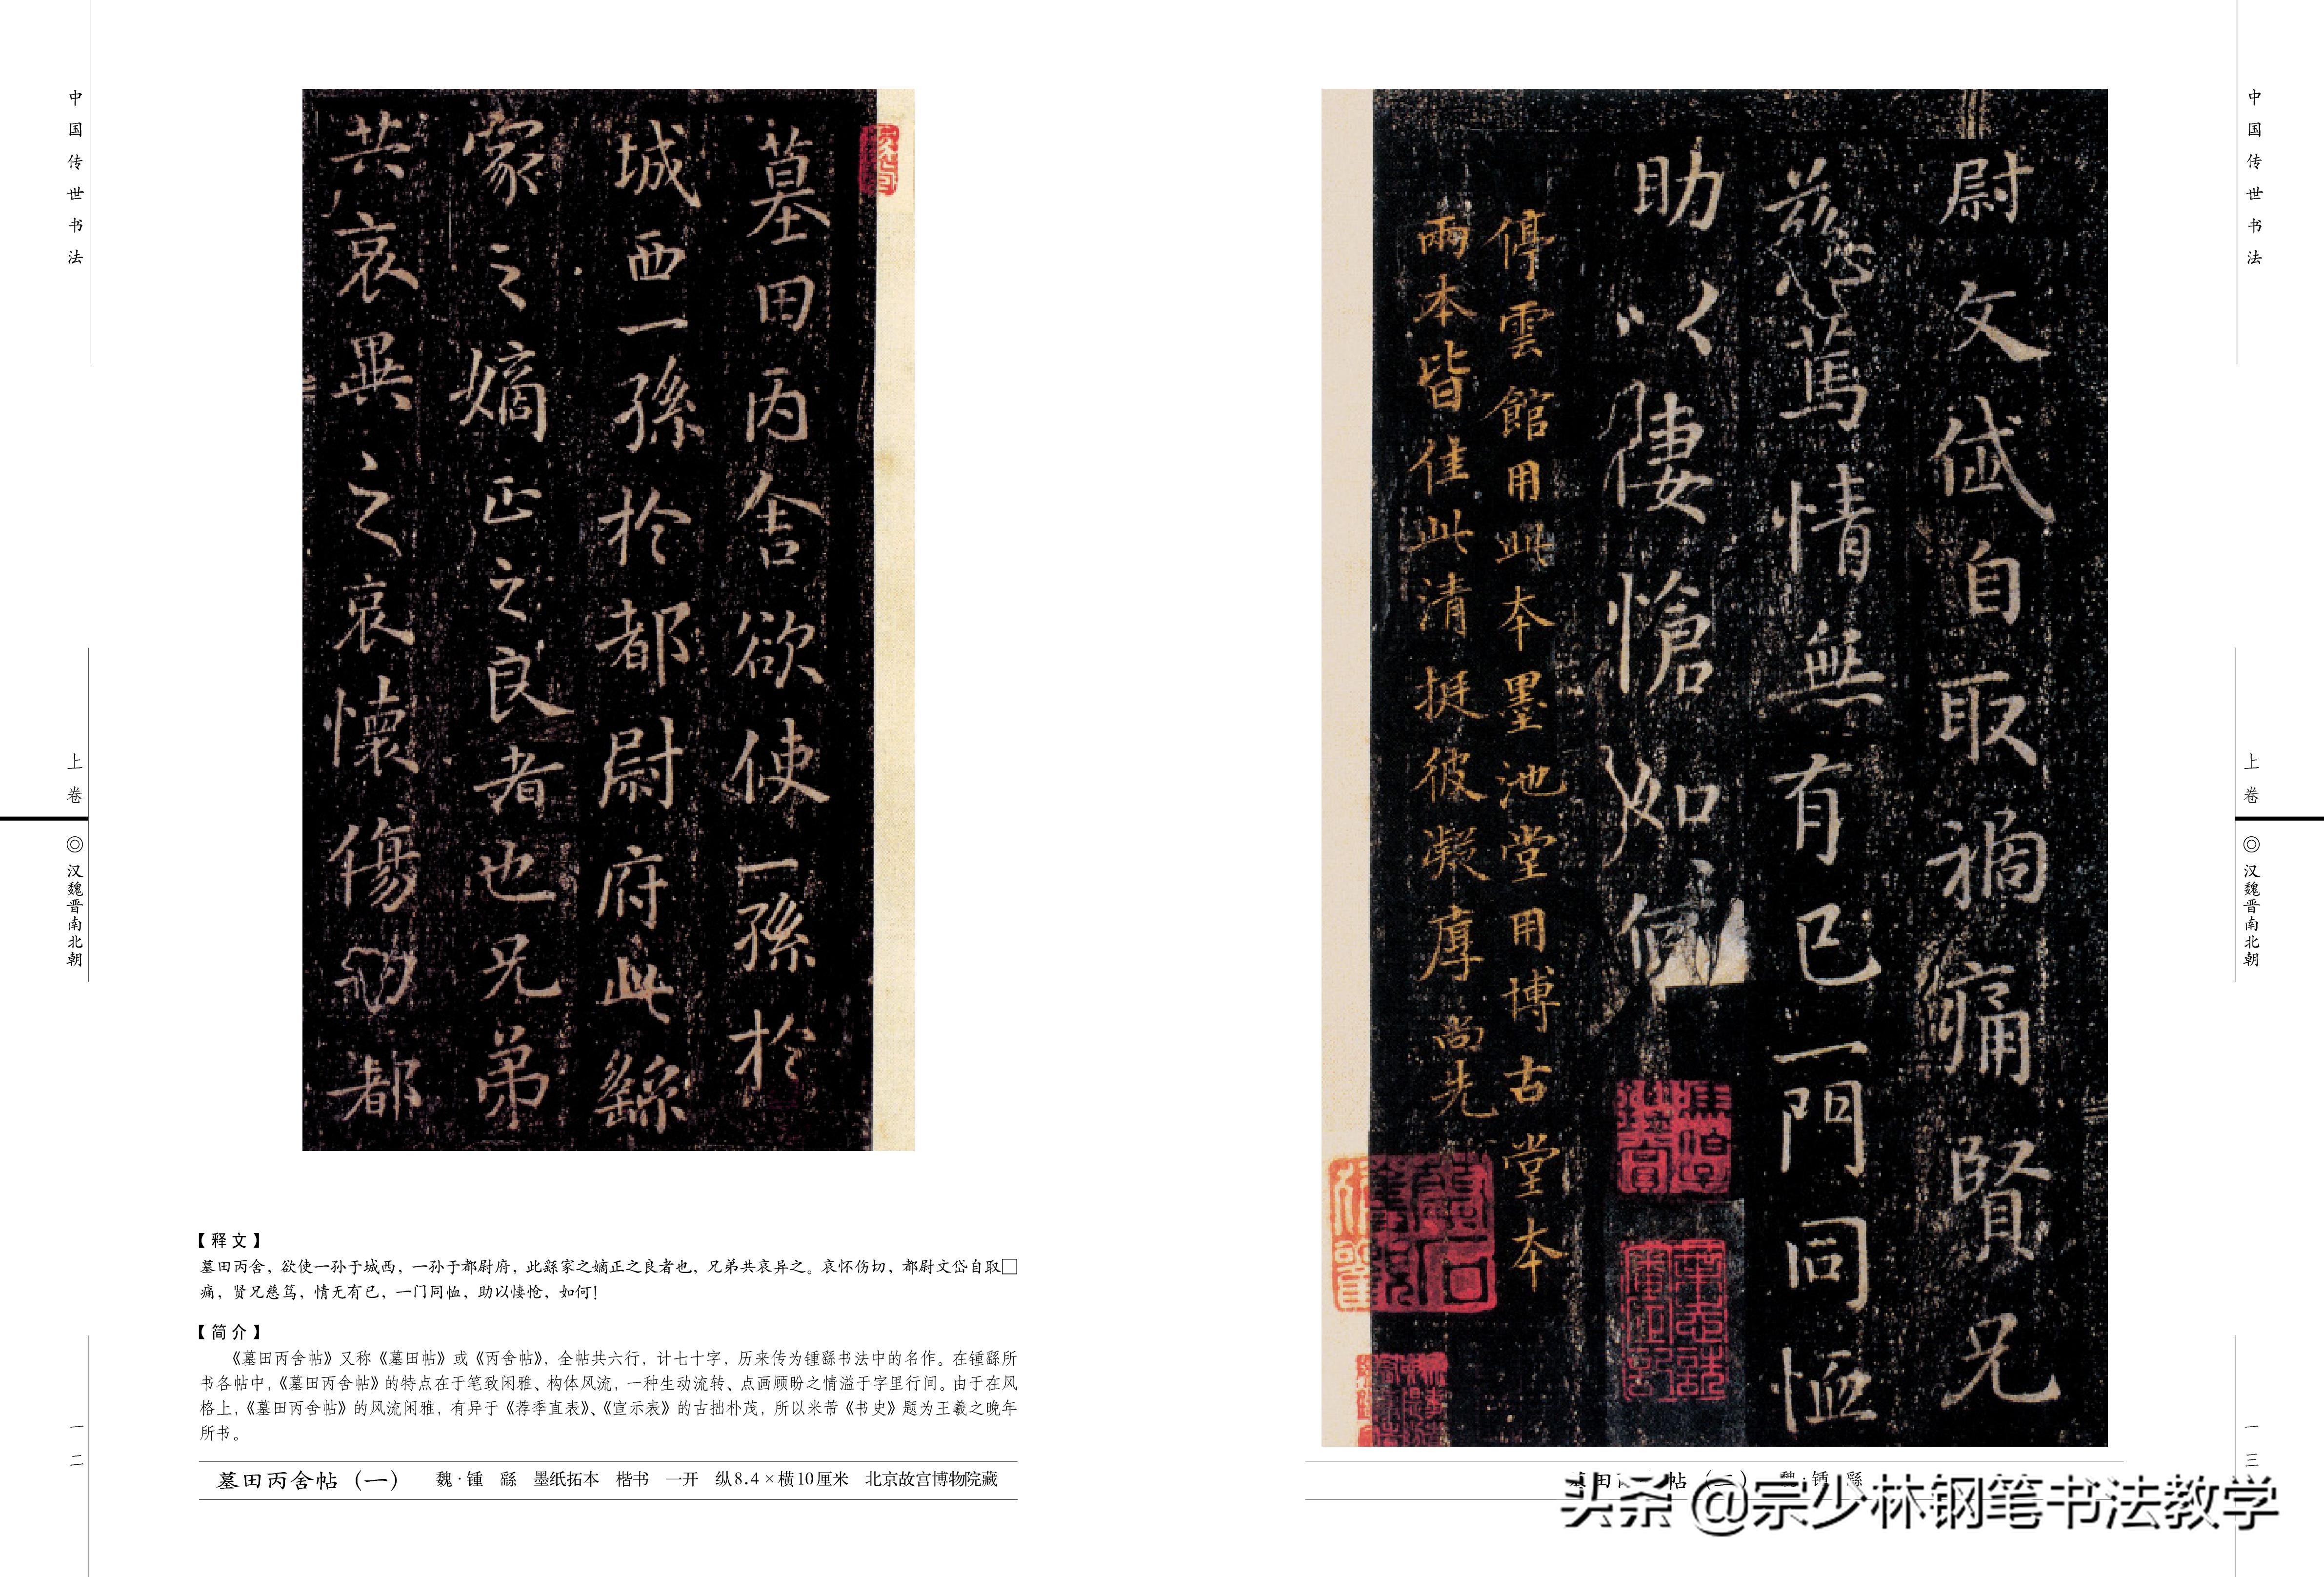 中国传世书法:历代著名书法家作品合集,中国书法史上最高光时刻